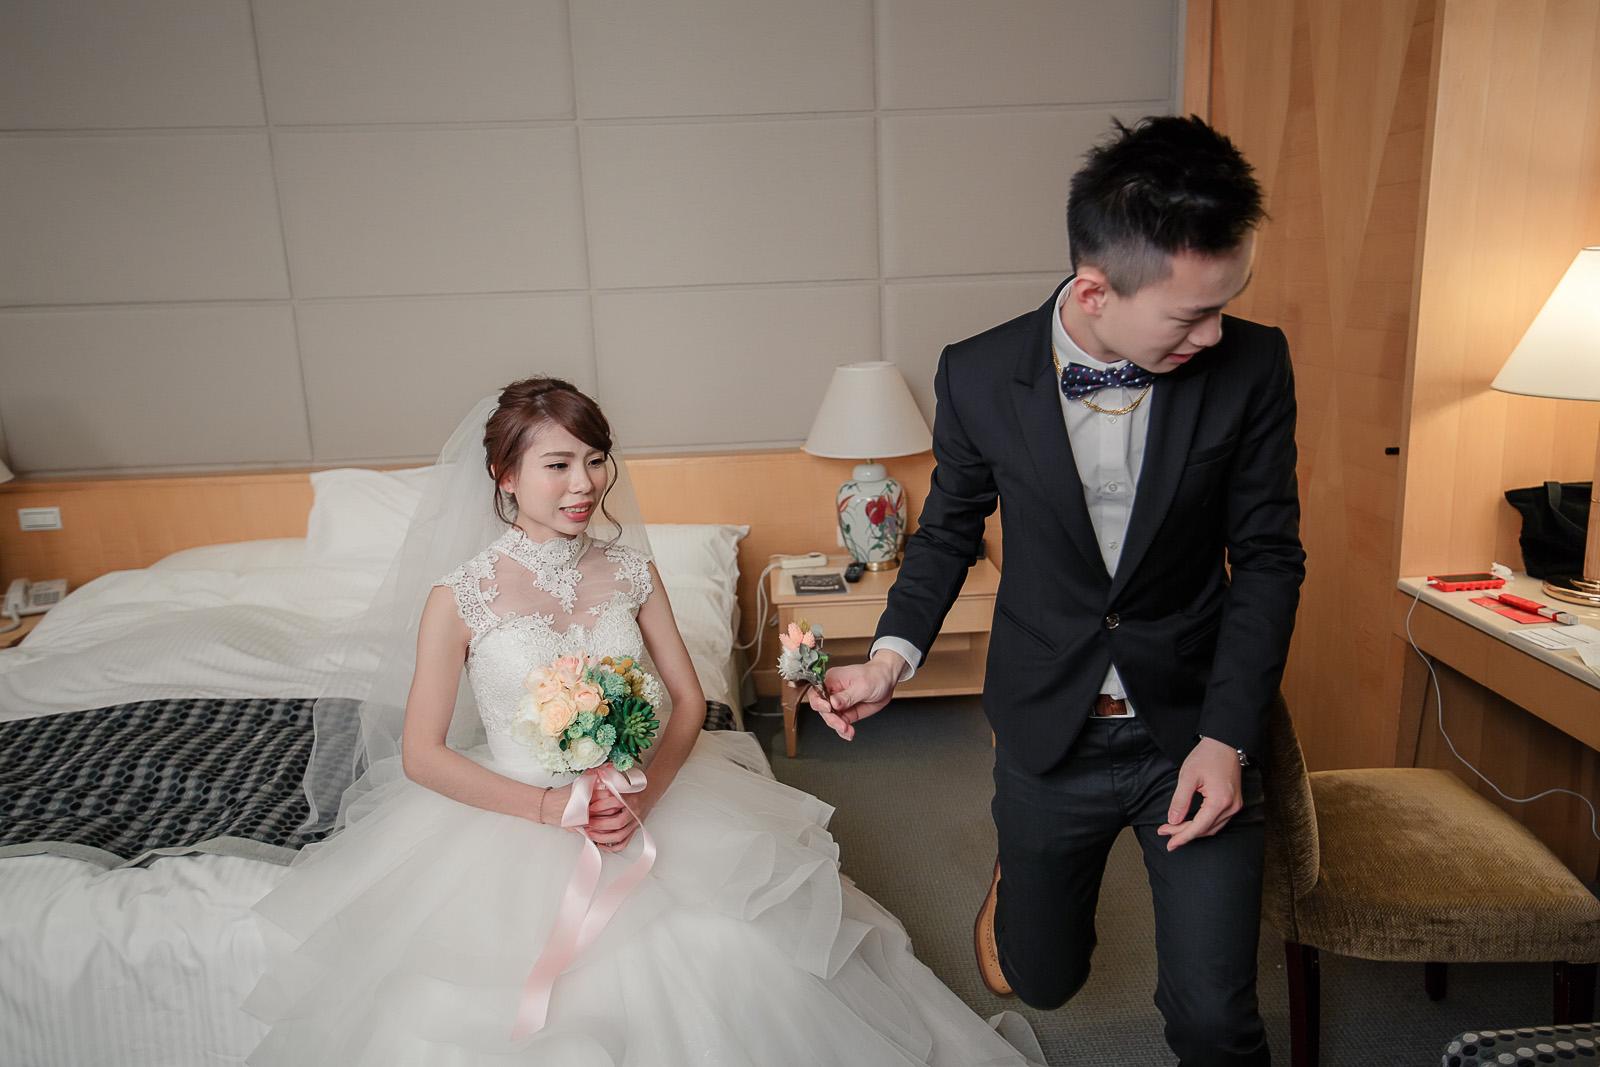 高雄圓山飯店,婚禮攝影,婚攝,高雄婚攝,優質婚攝推薦,Jen&Ethan-132